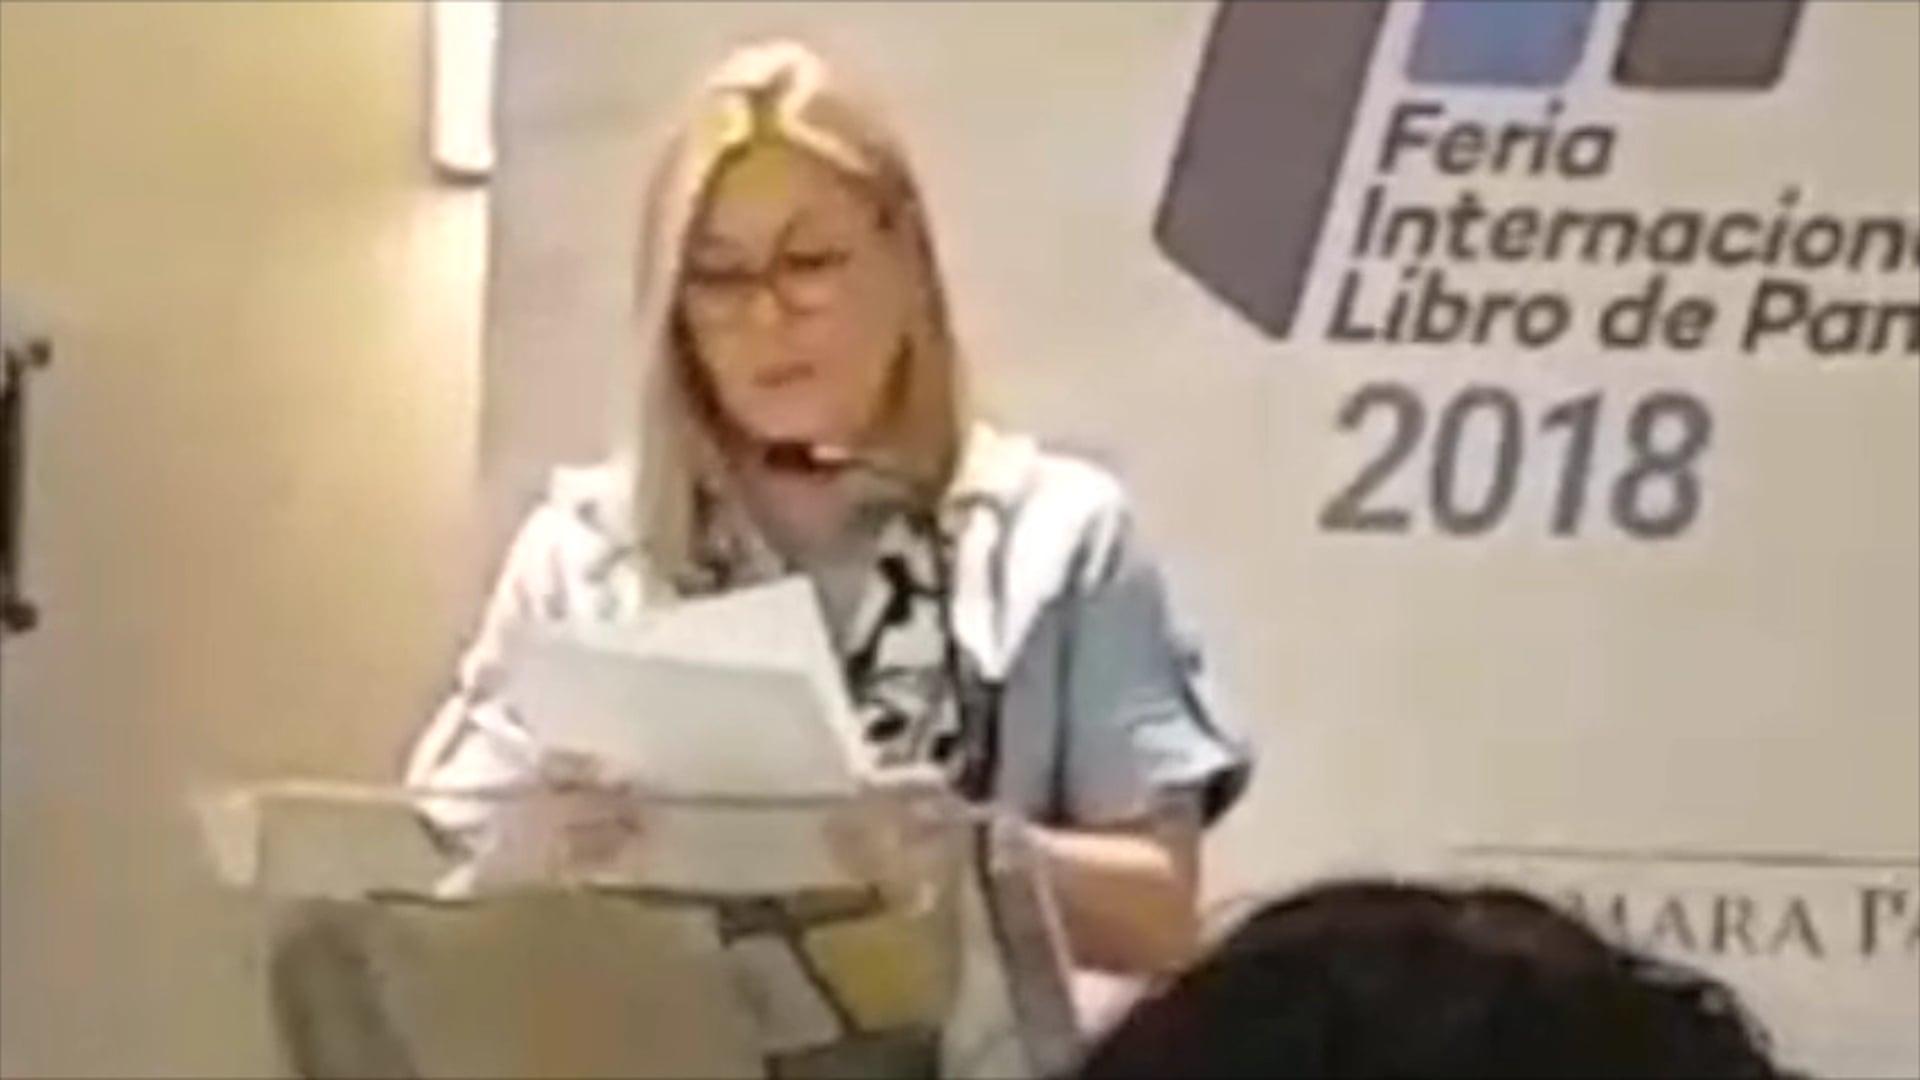 Feria Internacional del Libro de Panamá 2018